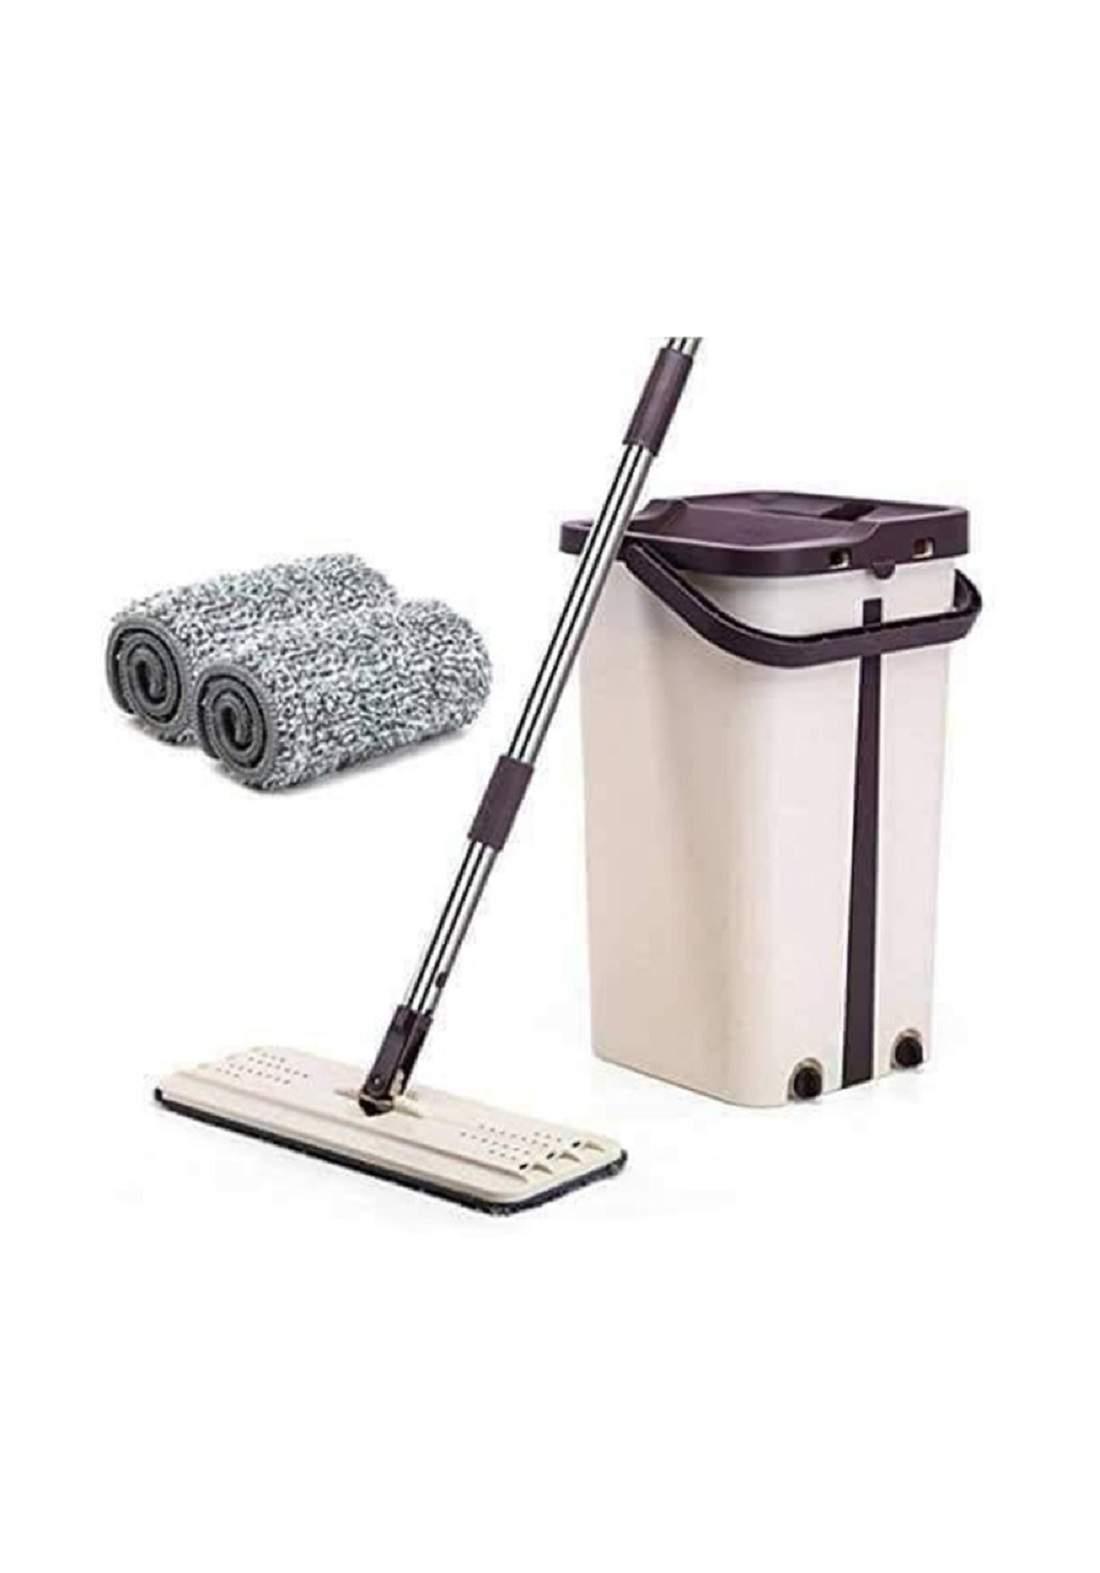 طقم ممسحة ودلو للتنظيف متعدد الاستخدام